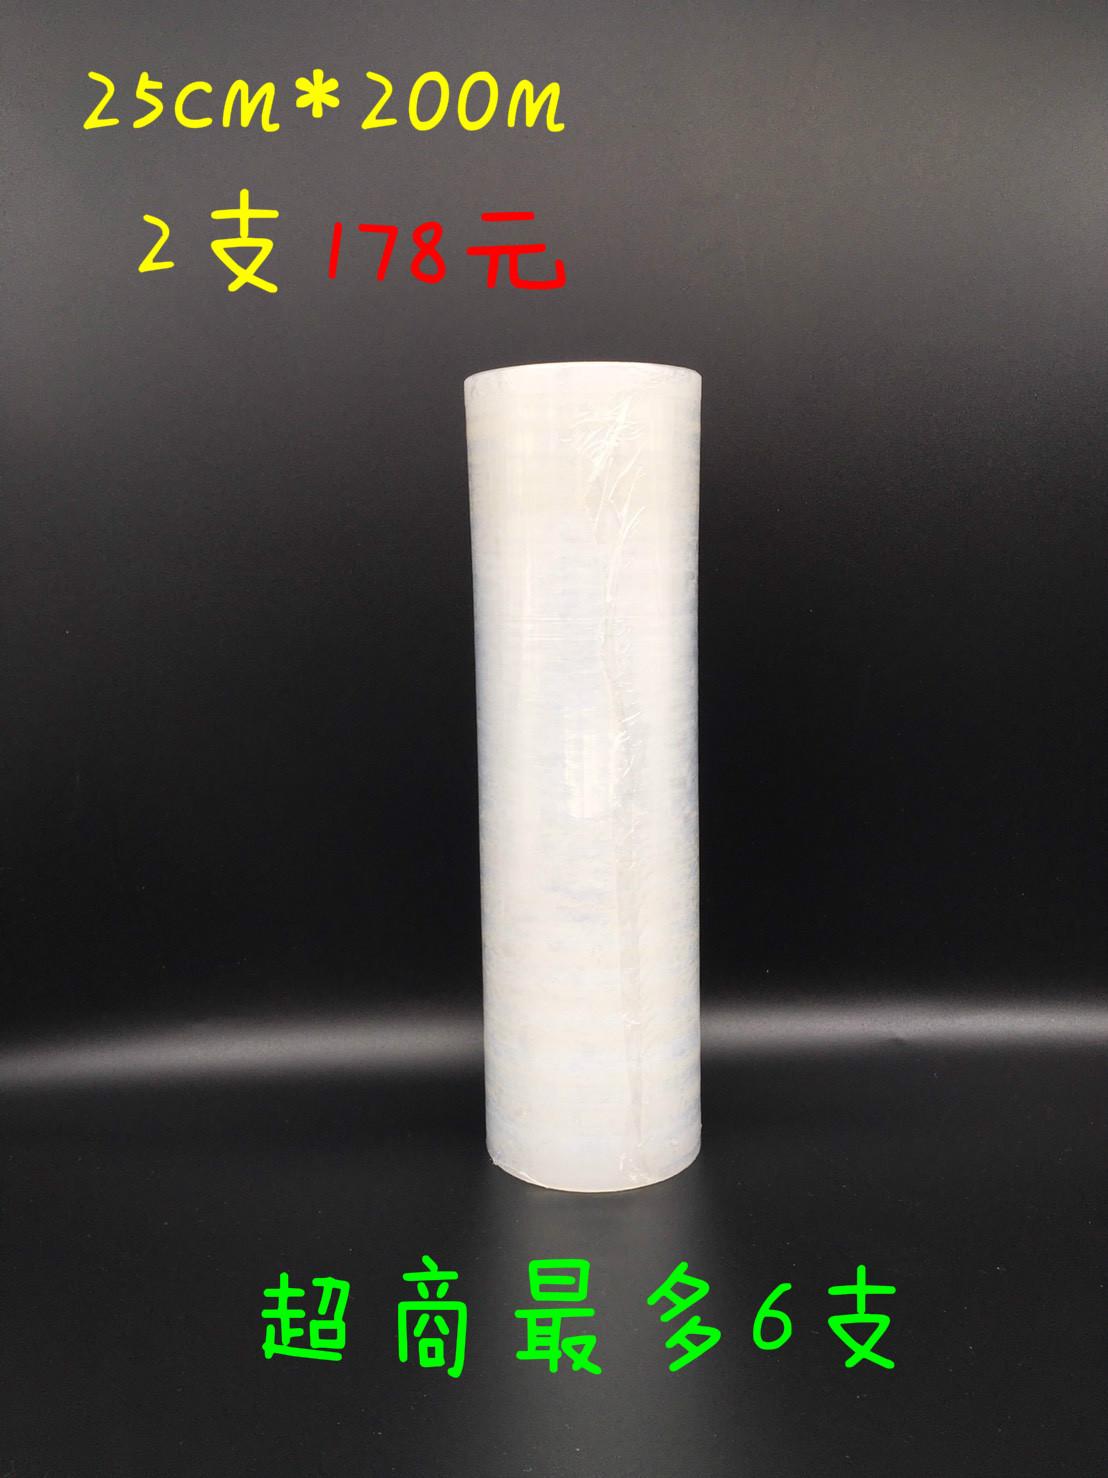 ❤含發票❤約25cm*200m棧板膜❤2支❤棧板模/膠帶/PE模/PE膜/包裝/透明膠帶/膠膜/工業❤